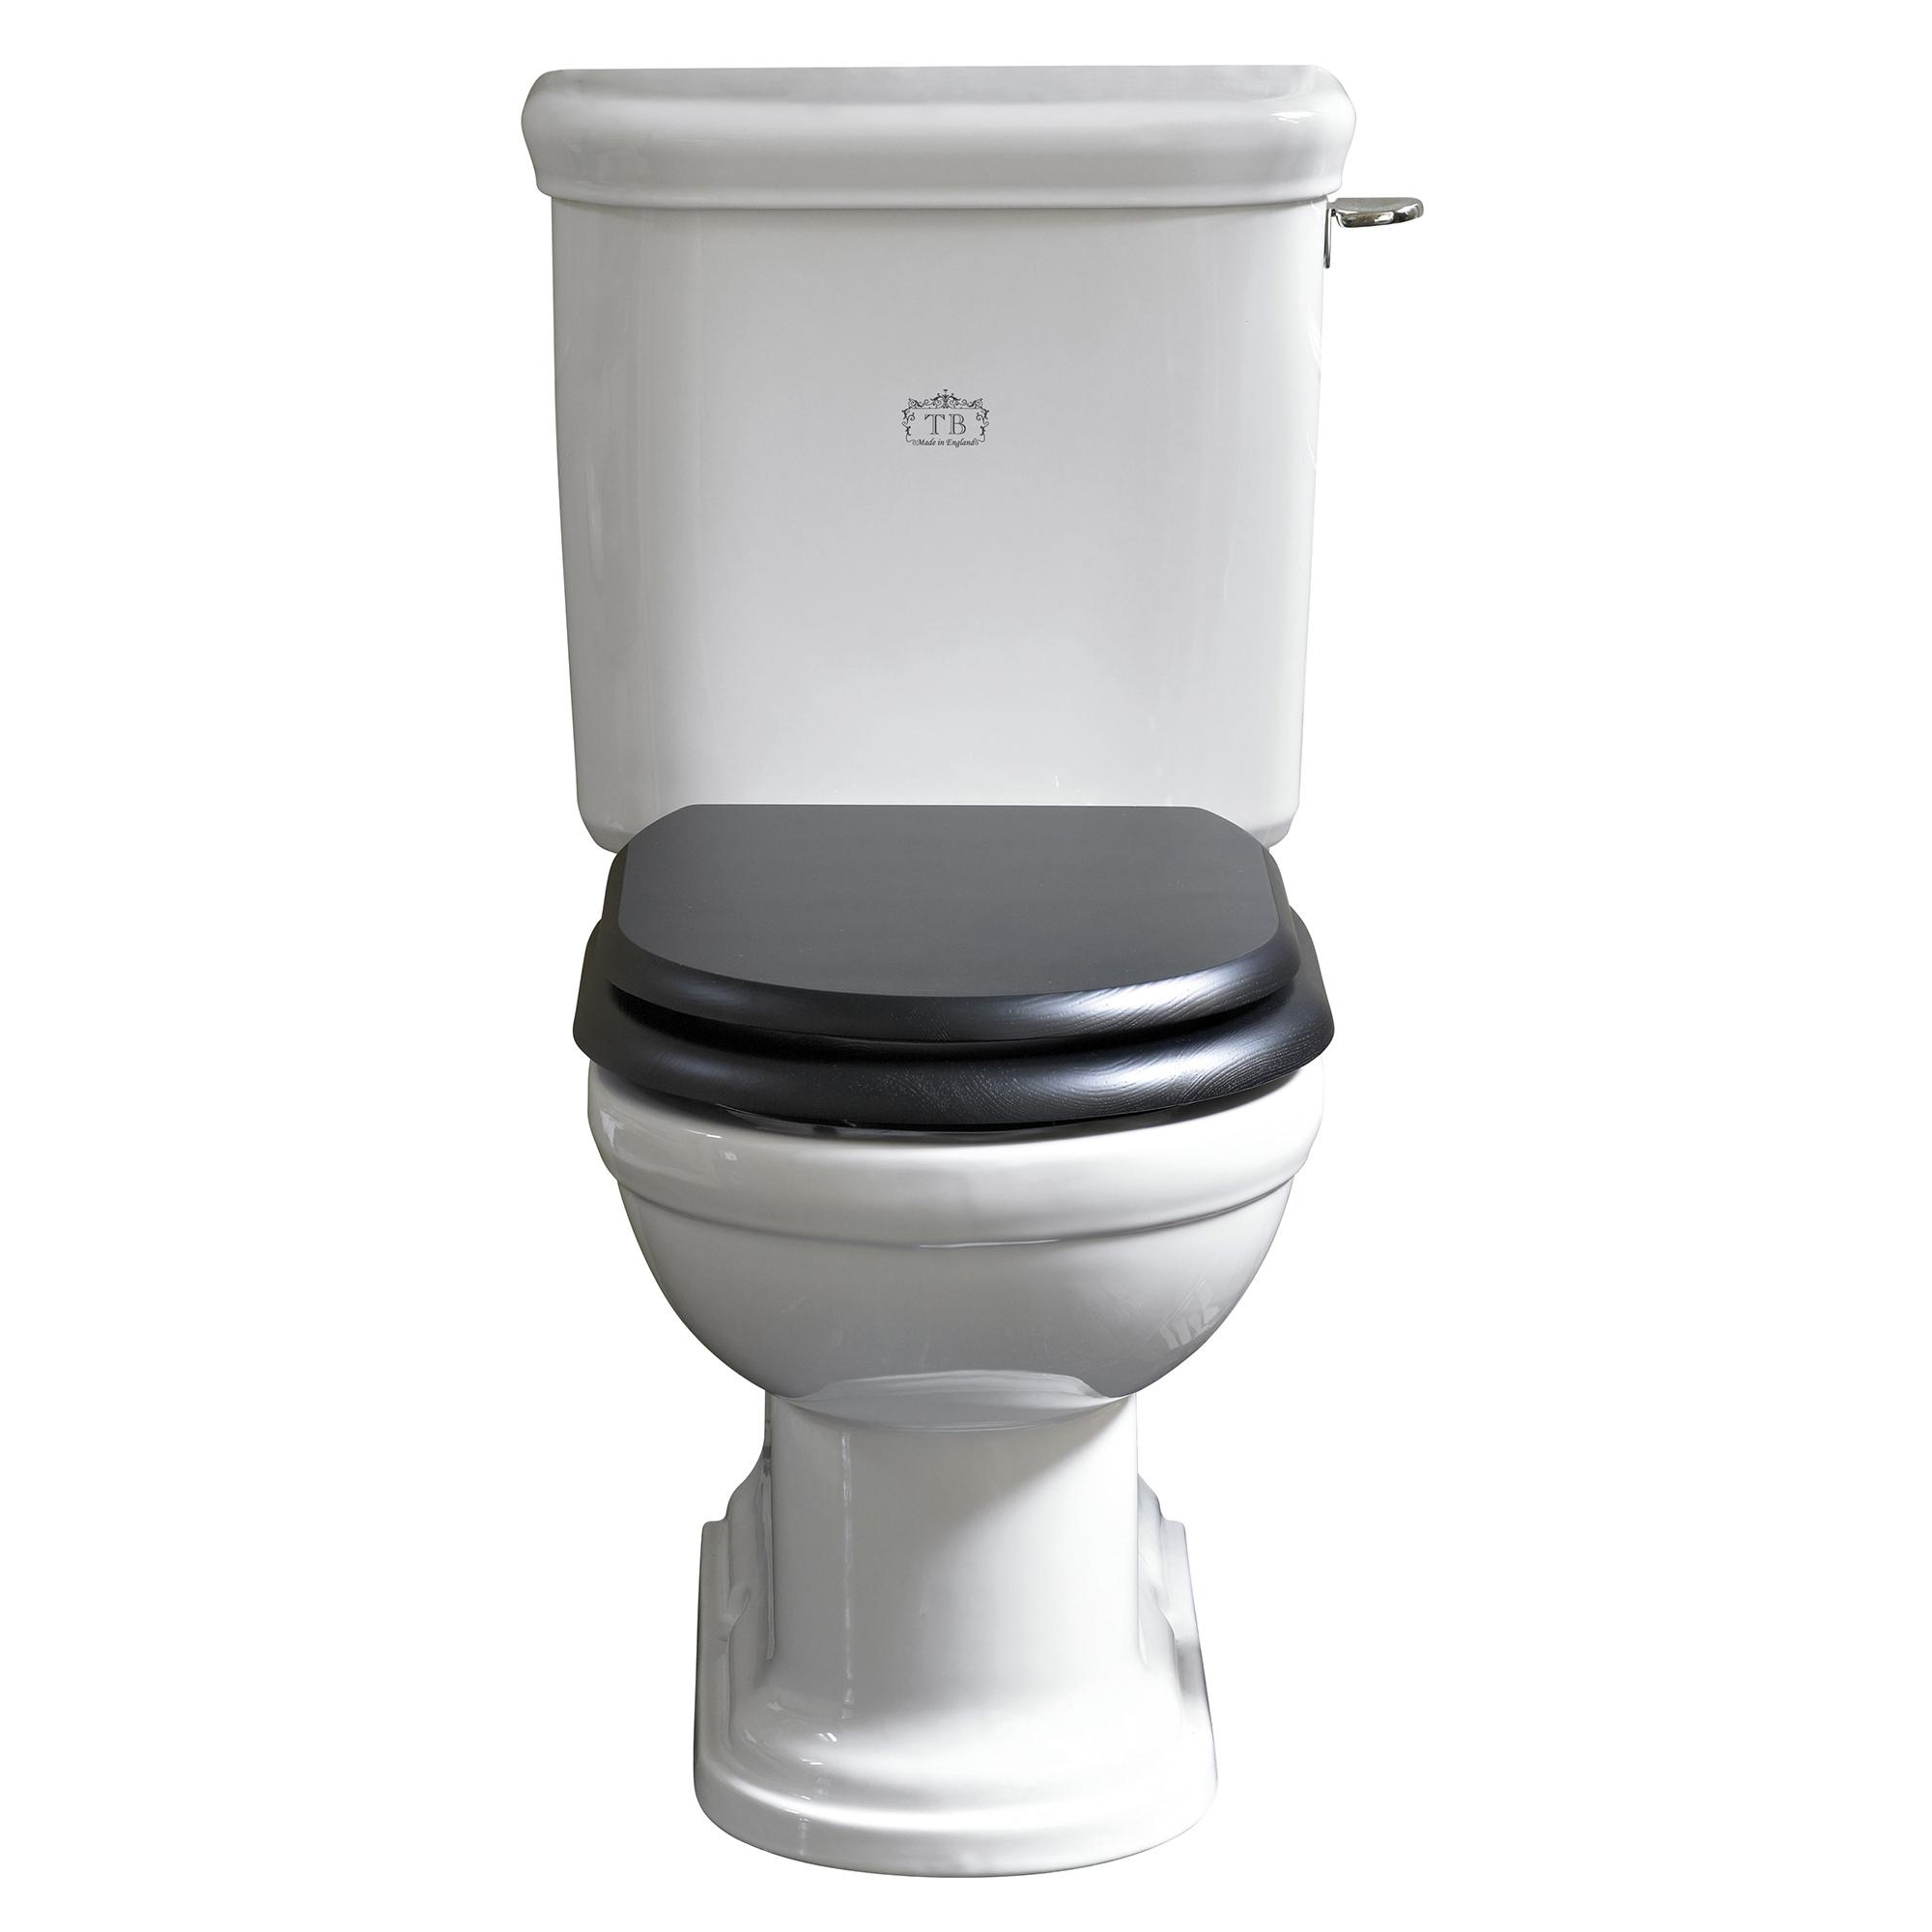 Extrem CAMDEN WC-Kombination mit aufgesetztem Spülkasten – TRADITIONAL WB72